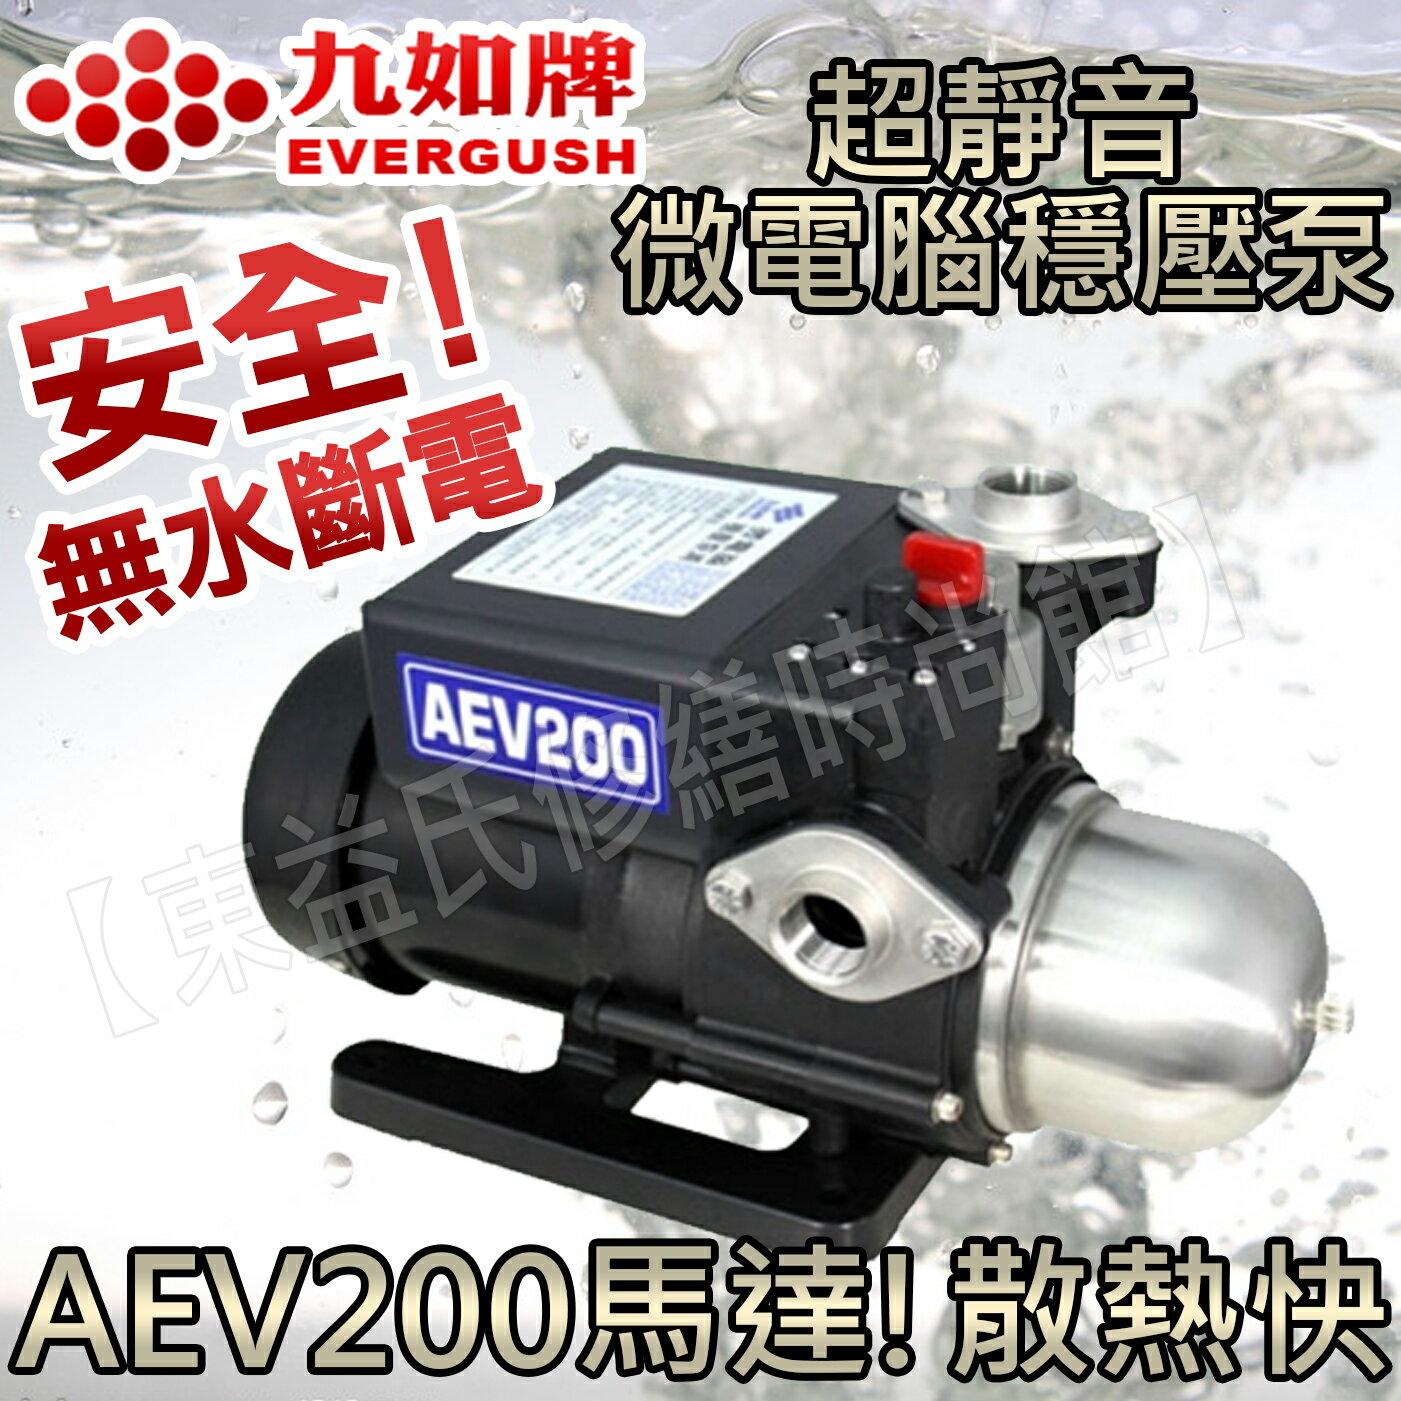 九如牌AEV200 穩壓超靜音加壓馬達1/4HP 110V/220V 電子式穩壓加壓機原 ESV200 【東益氏】售大井 木川